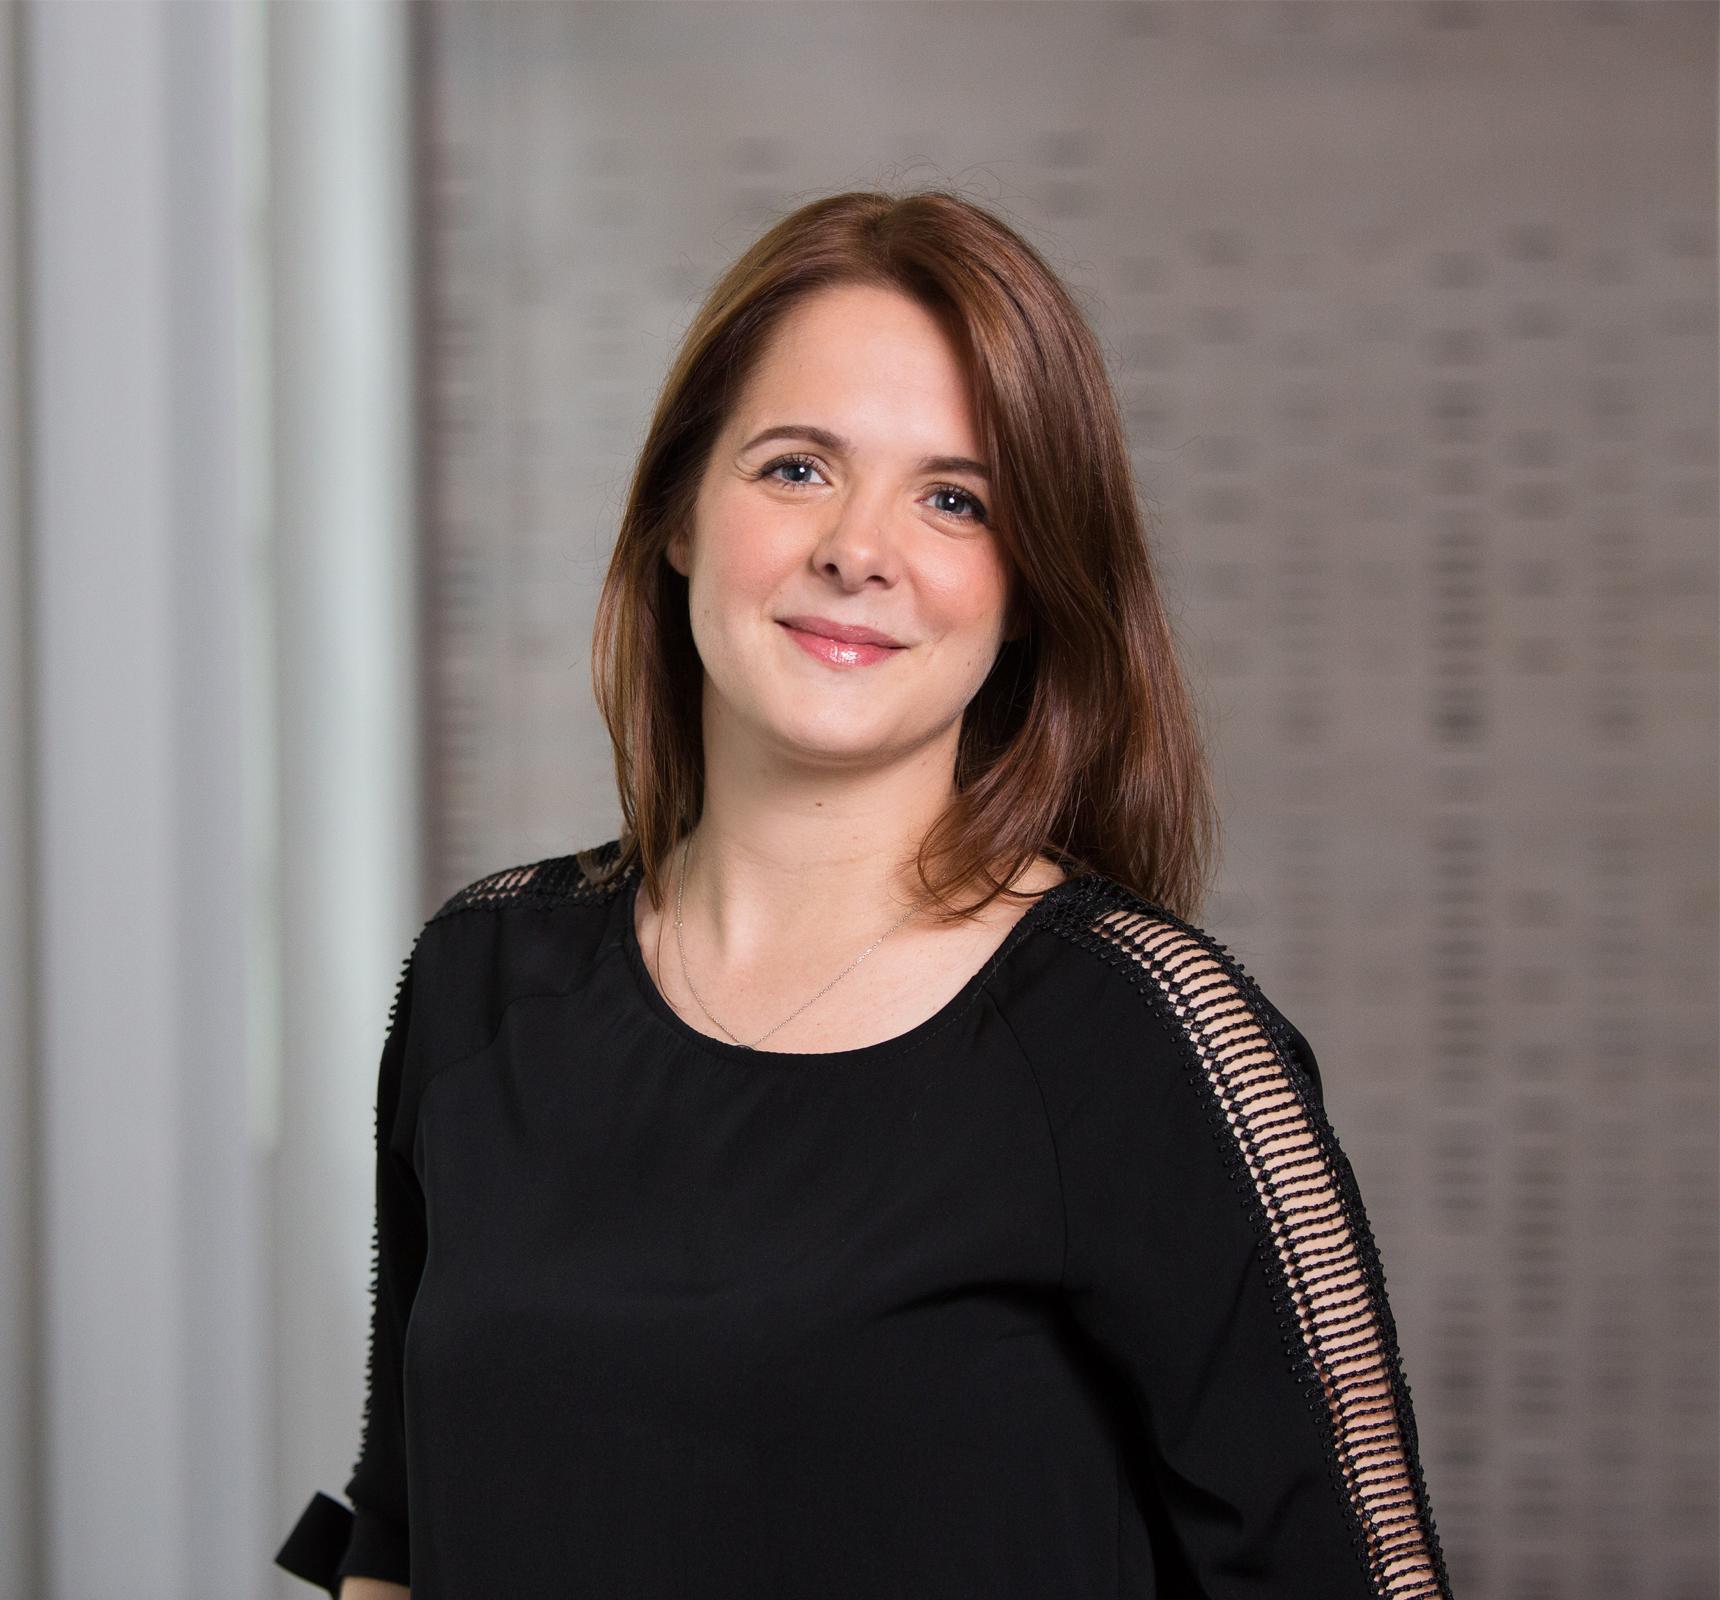 Aurélie Paresys